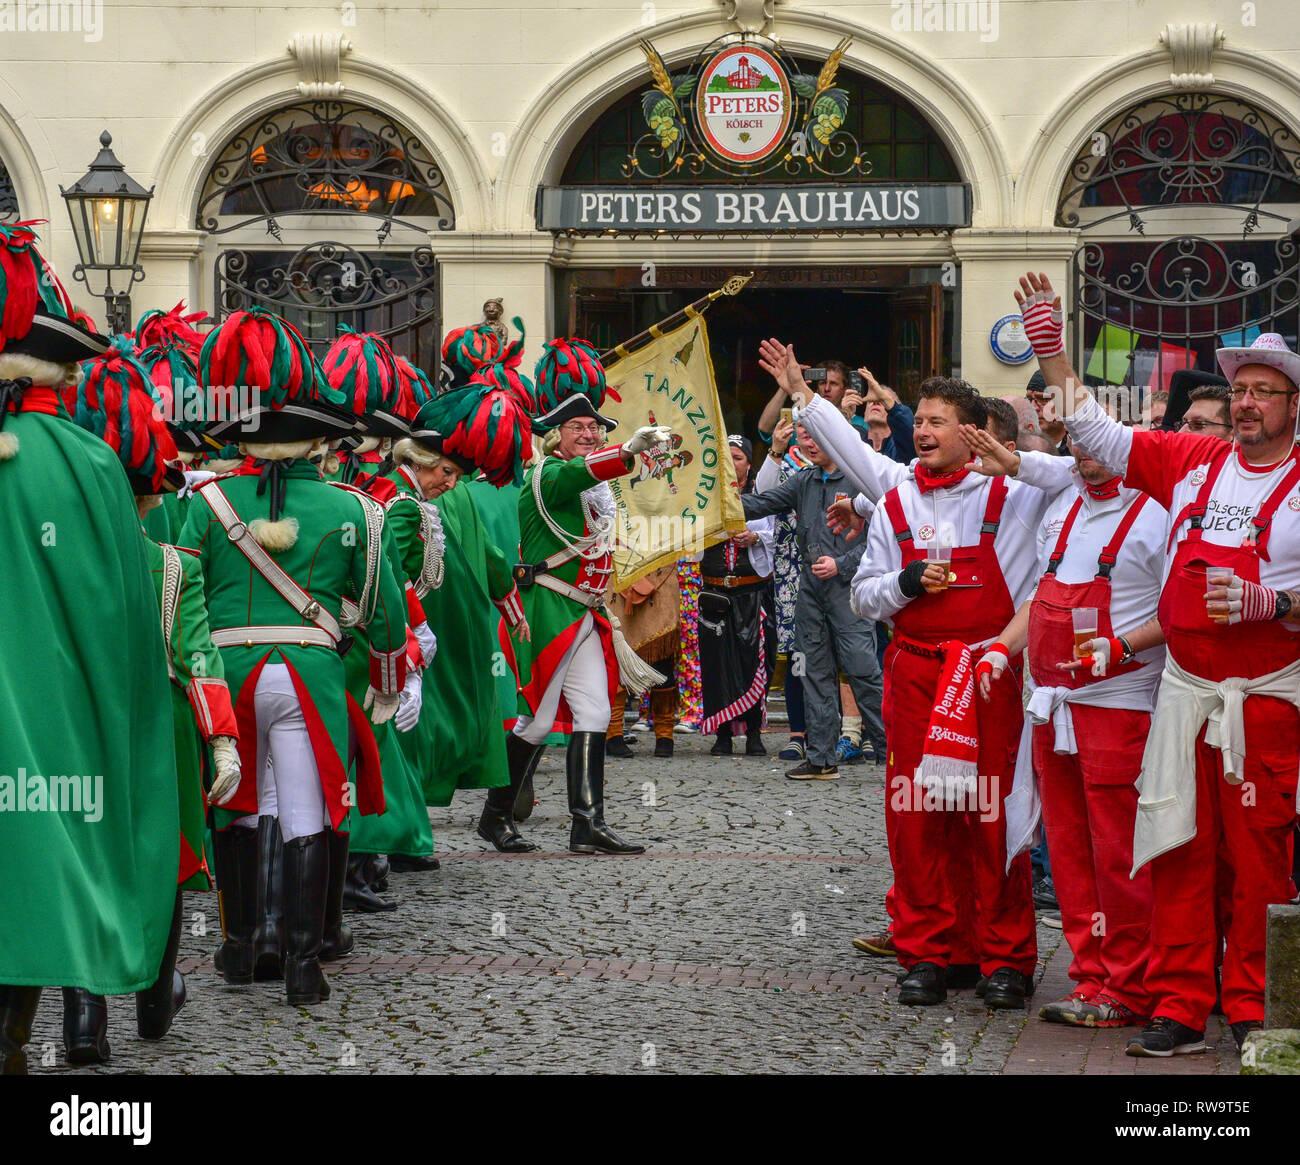 Los juerguistas celebra el carnaval de Colonia Imagen De Stock